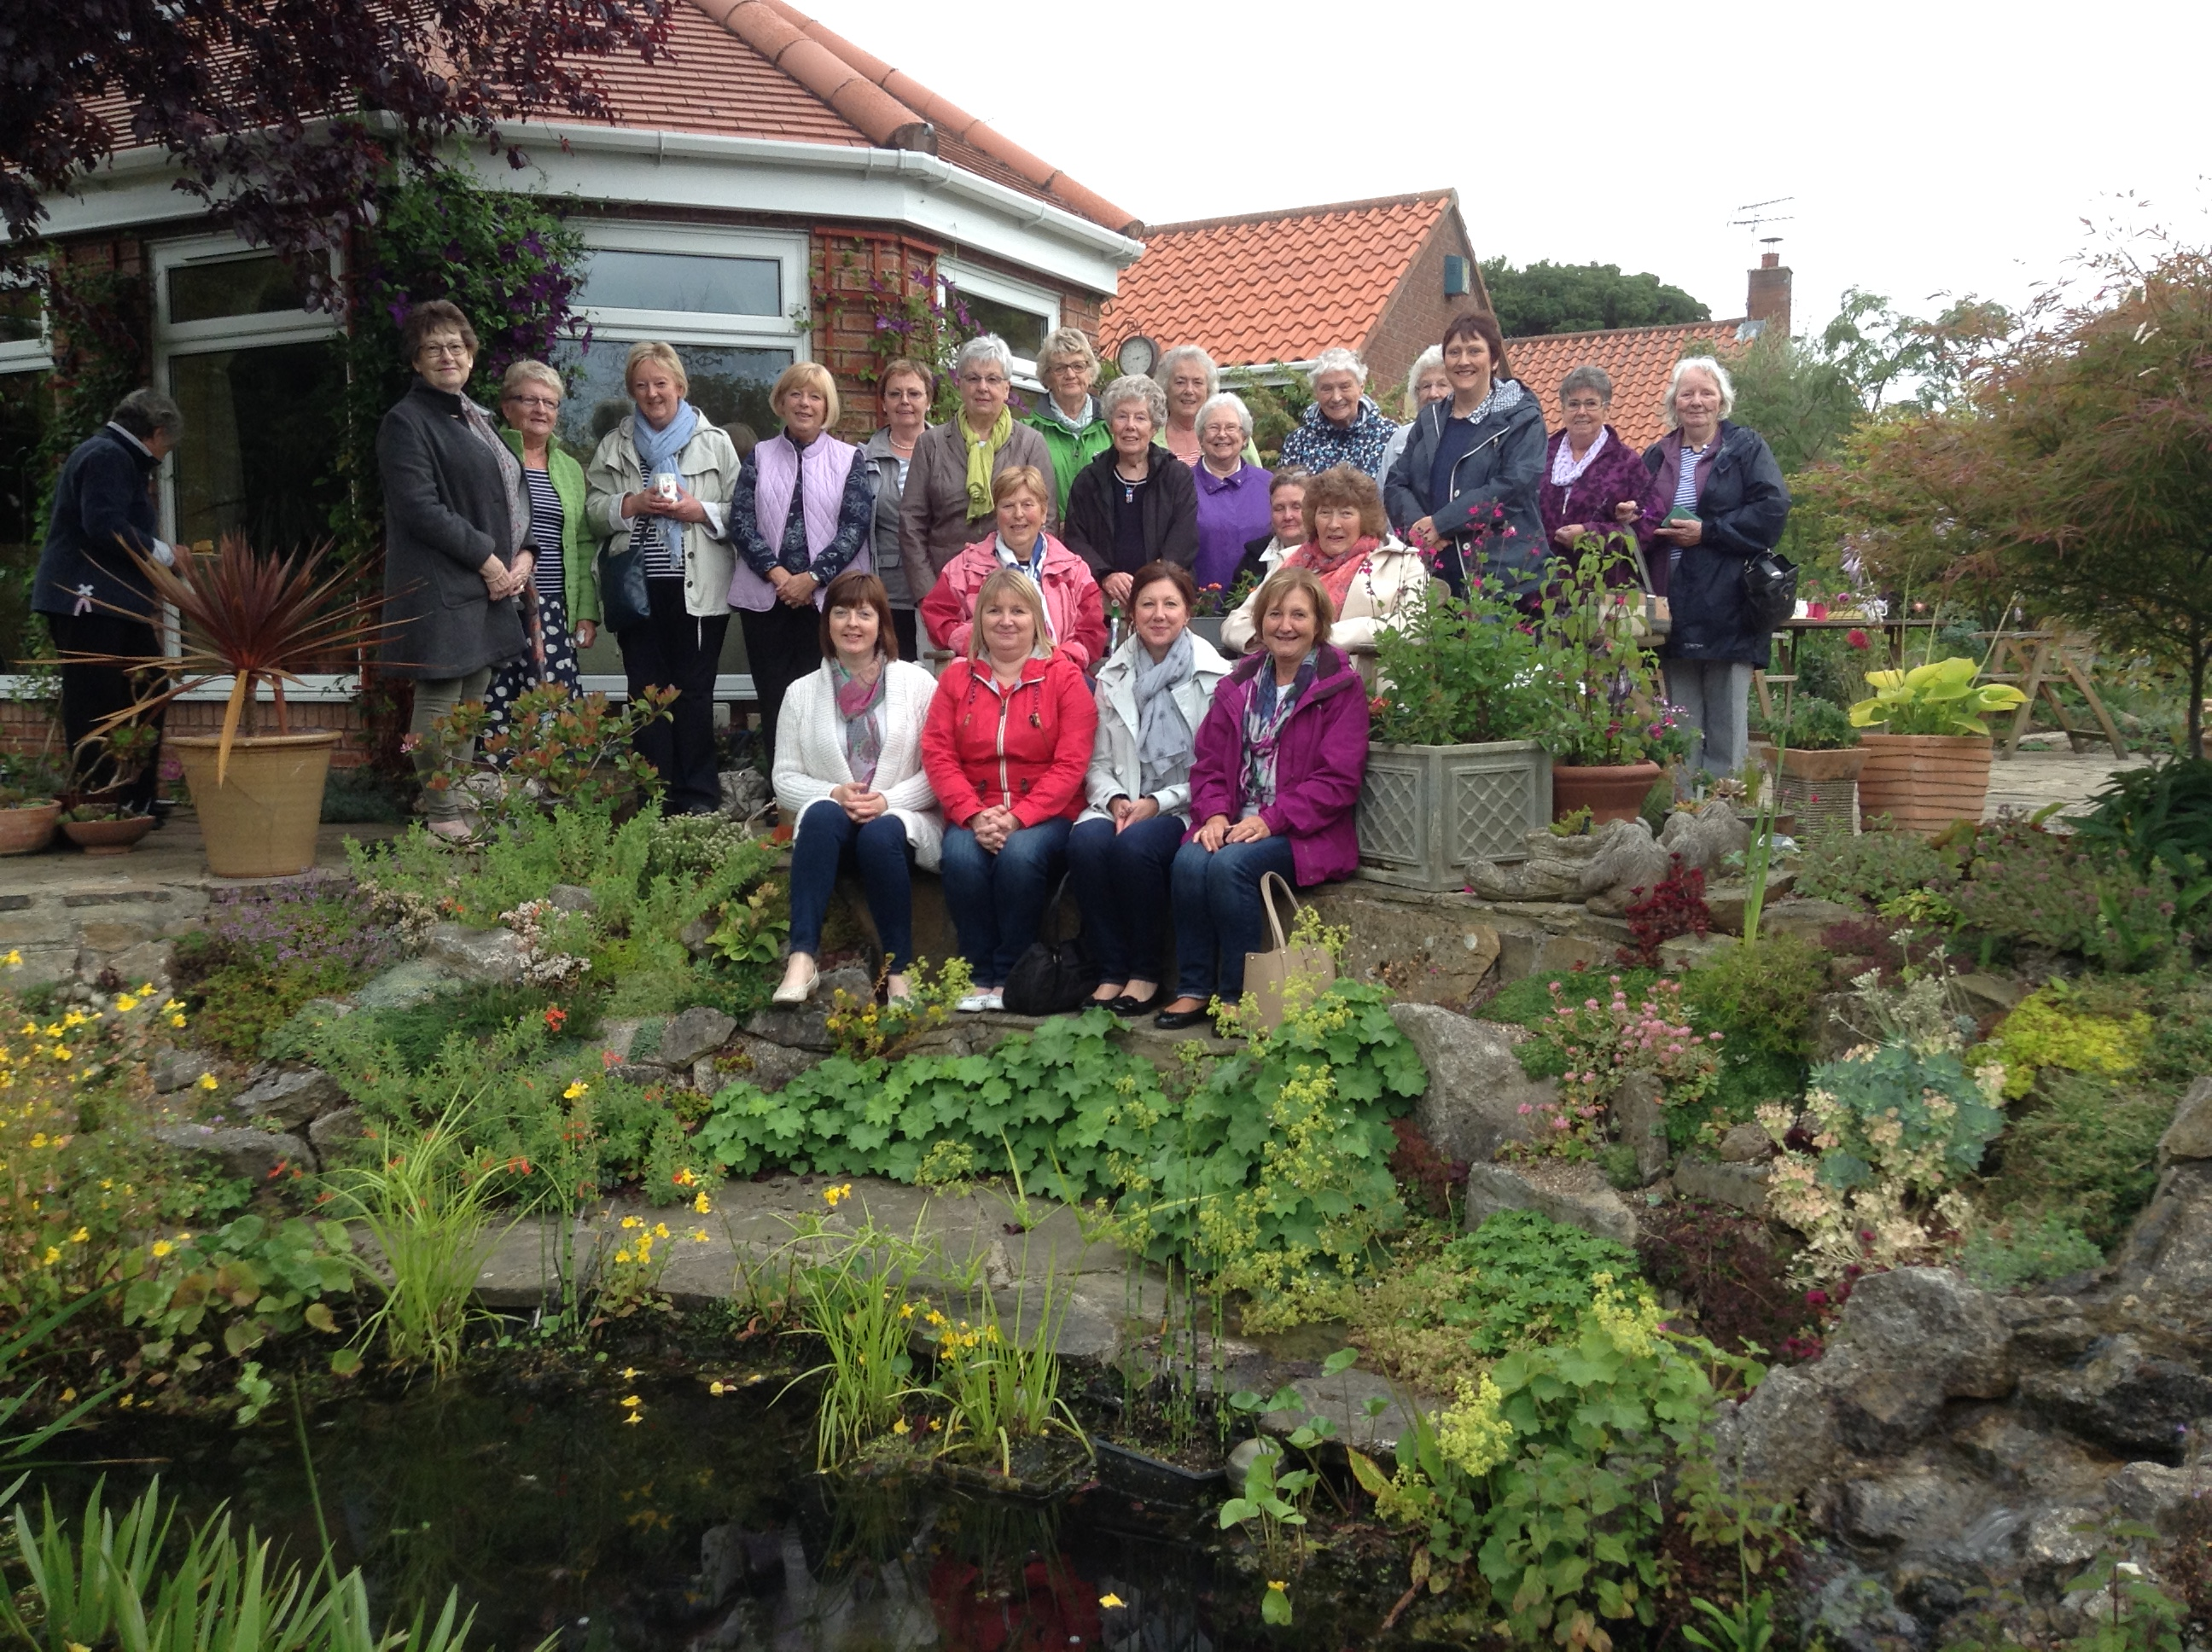 Weardale Flower& Garden Club